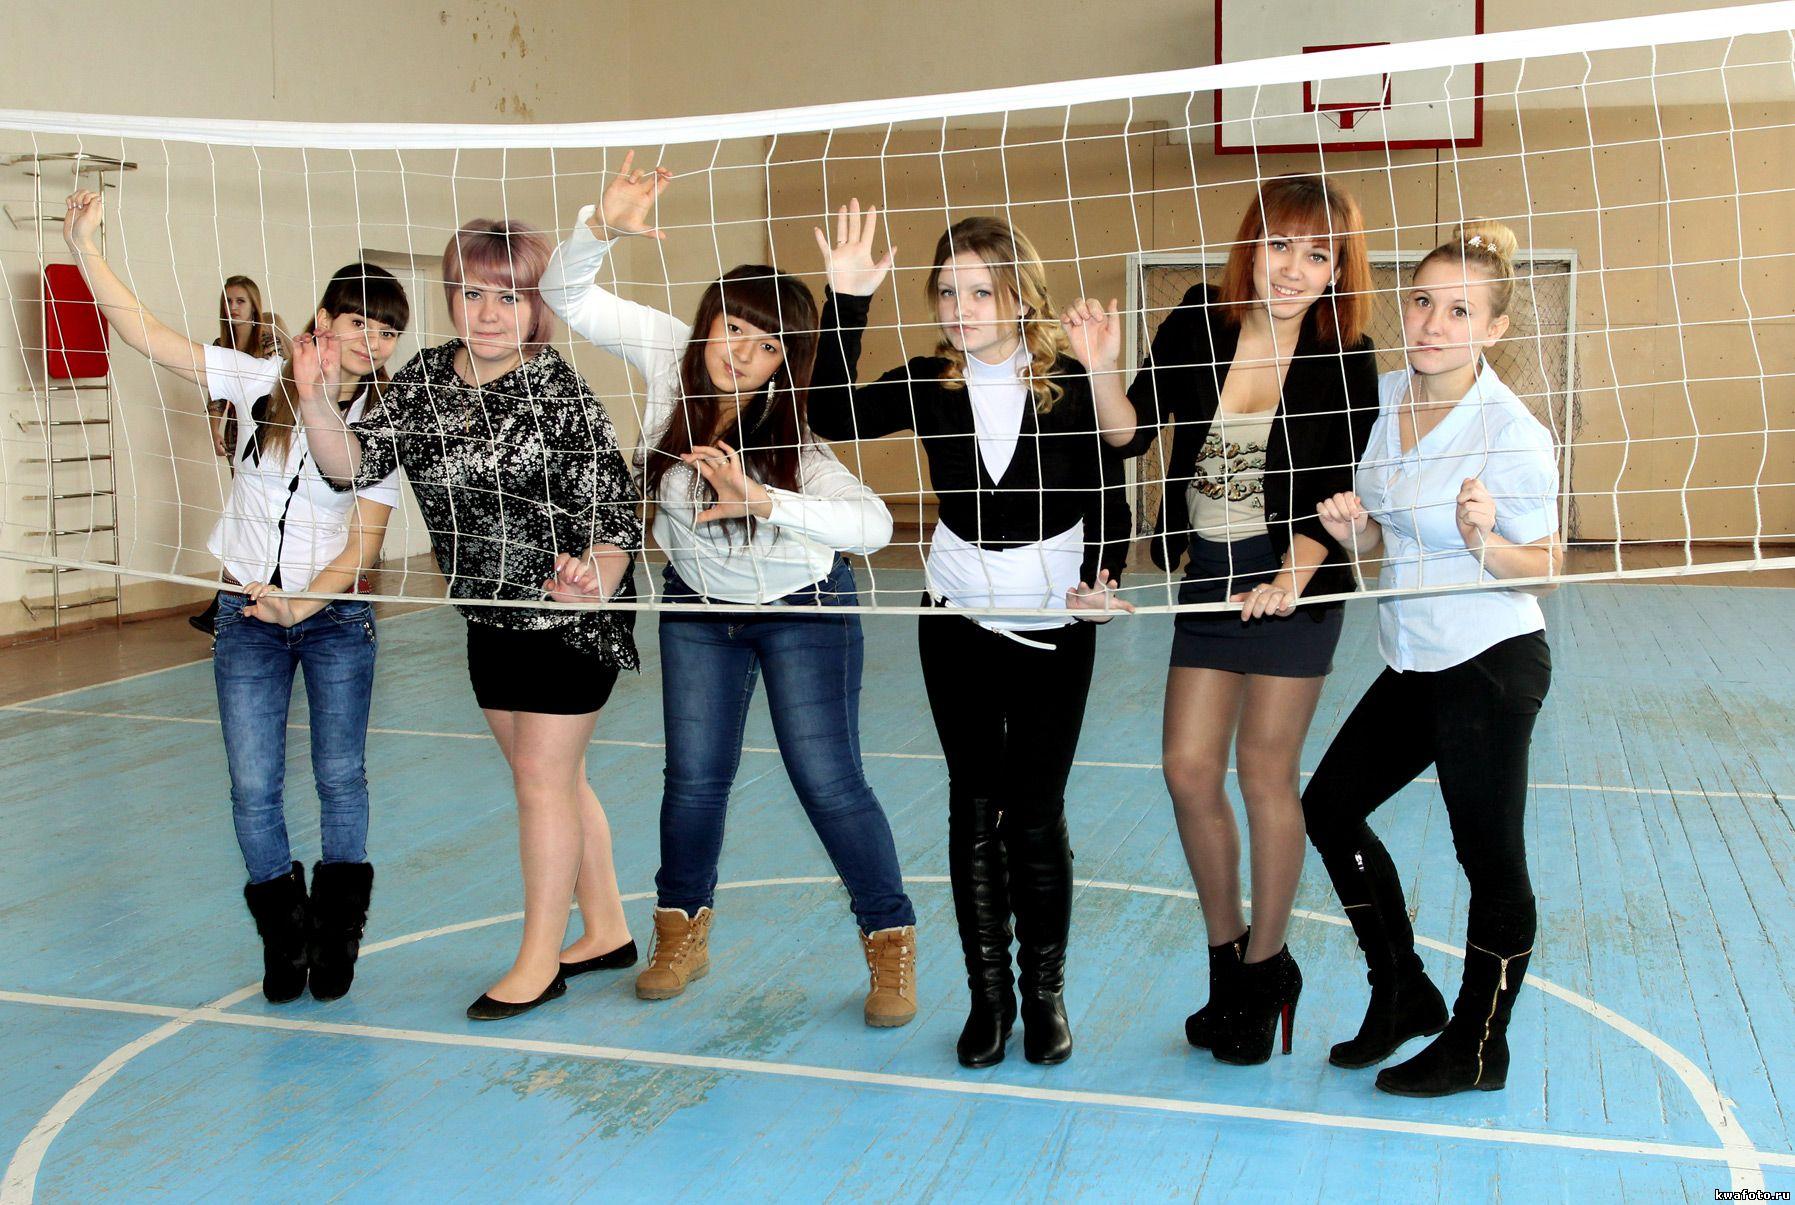 групповое фото в спортзале для выпускного альбома, фотокниги, фотопапки